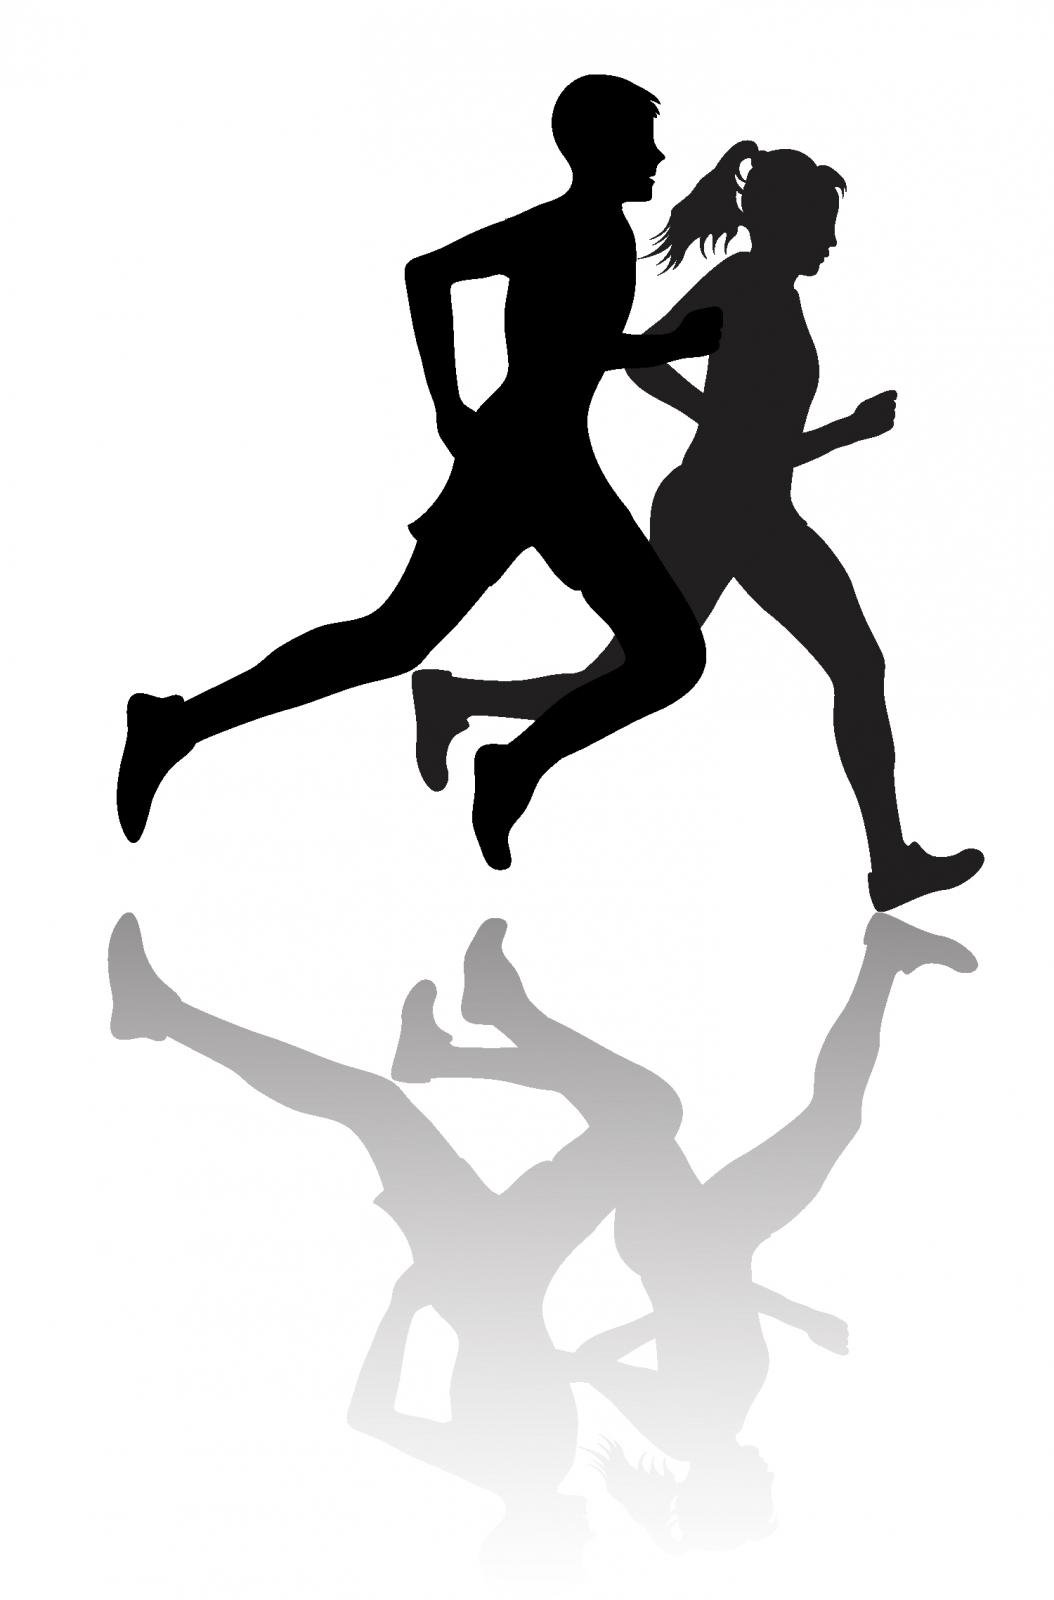 de15f4503f3c9c4a0642_jogging.jpg